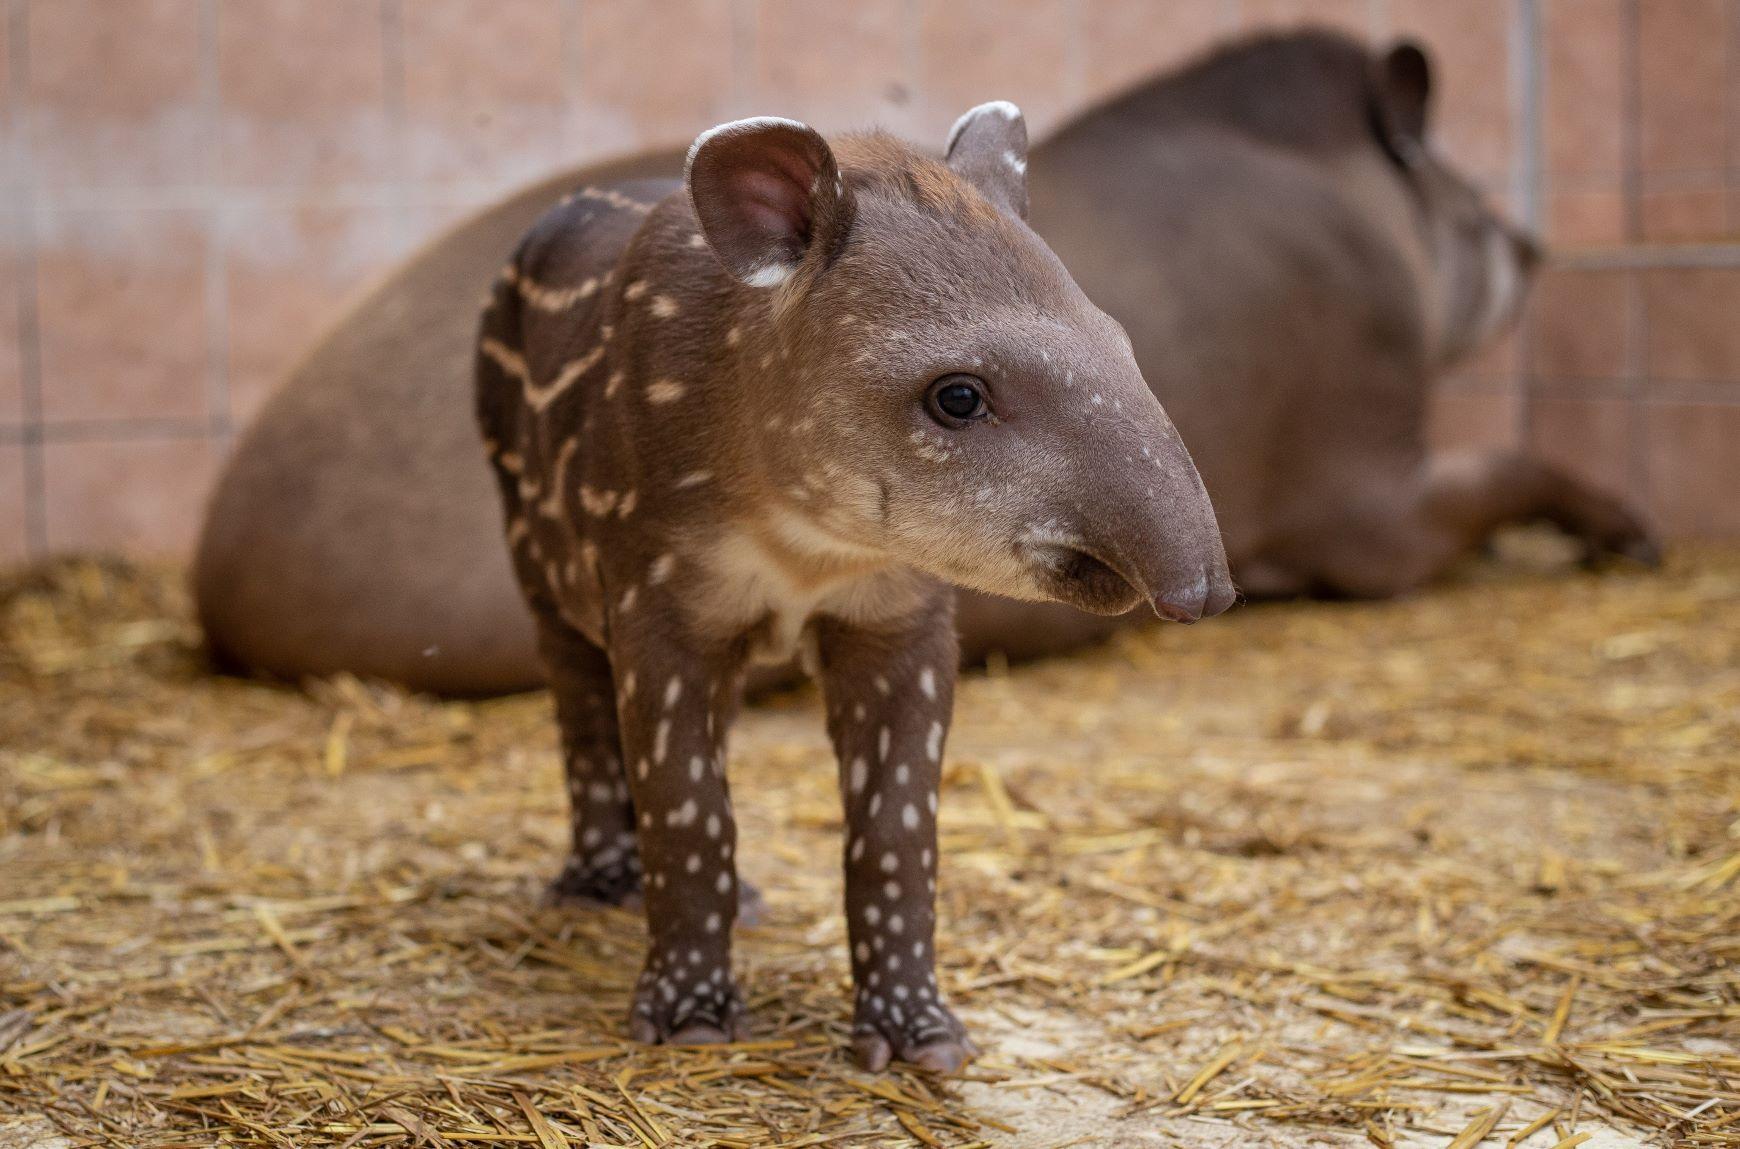 Újra tapírbébi született a Debreceni Állatkertben!